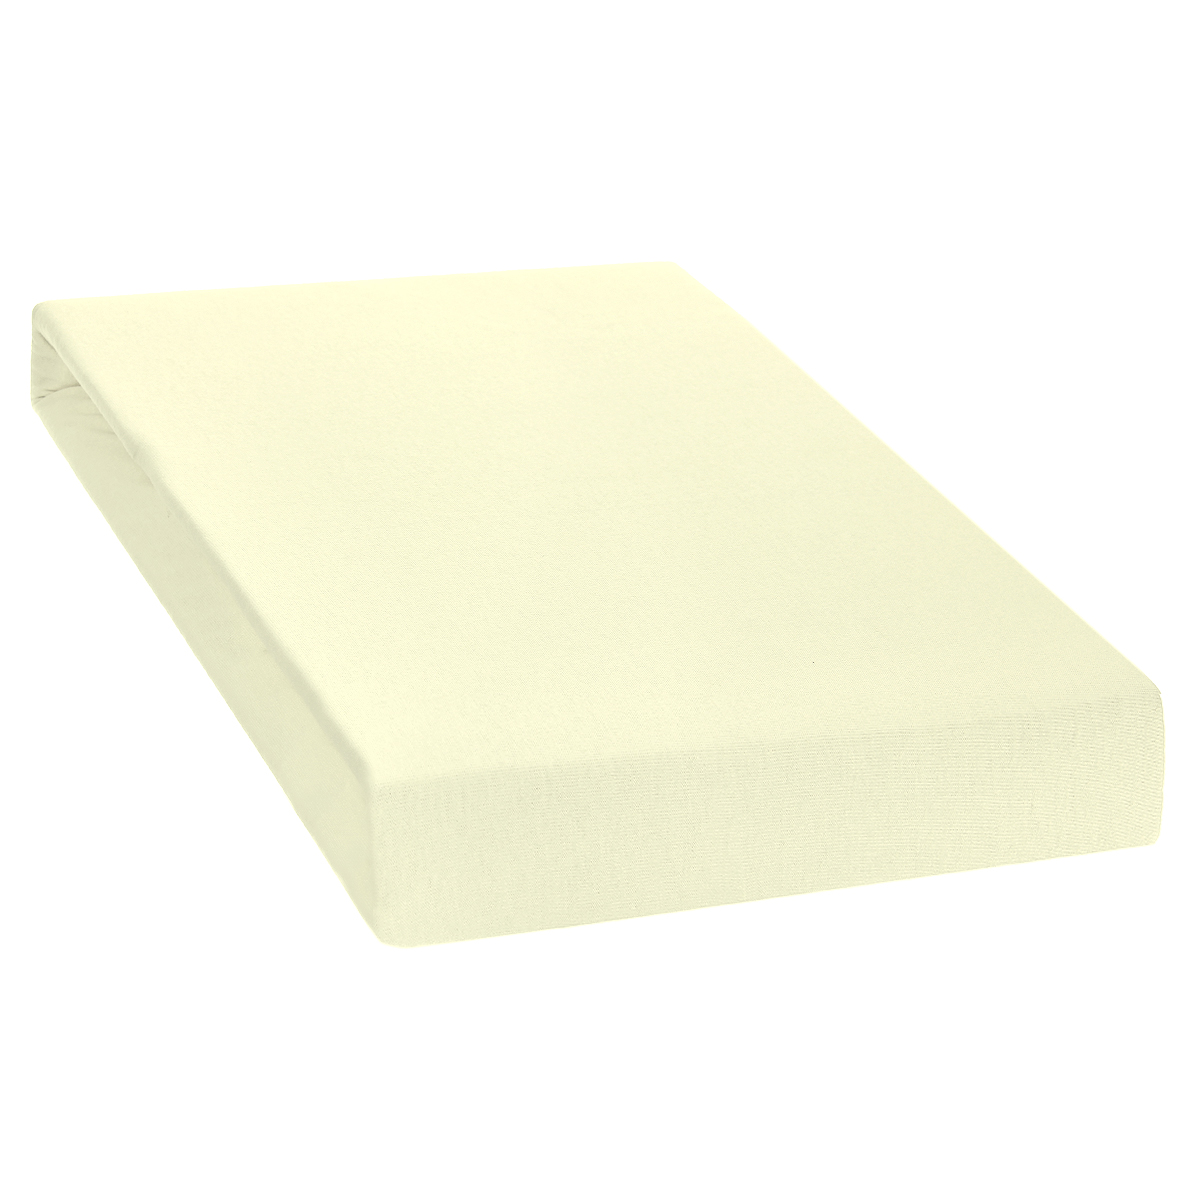 Простыня на резинке Tete-a-Tete, цвет: лимон, 200 см х 200 см6113MОднотонная простыня на резинке Tete-a-Tete выполнена из натурального хлопка. Высочайшее качество материала гарантирует безопасность не только взрослых, но и самых маленьких членов семьи. Простыня гармонично впишется в интерьер вашего дома и создаст атмосферу уюта и комфорта.Особенности коллекции Tete-a-Tete:- выдерживает более 100 стирок практически без изменения внешнего вида,- модные цвета и стойкие оттенки,- минимальная усадка,- надежные резинки и износостойкая ткань,- безупречное качество,- гиппоаллергенно.Коллекция Tete-a-Tete специально создана для практичных людей, которые ценят качество и долговечность вещей, окружают своих близких теплотой и заботой.